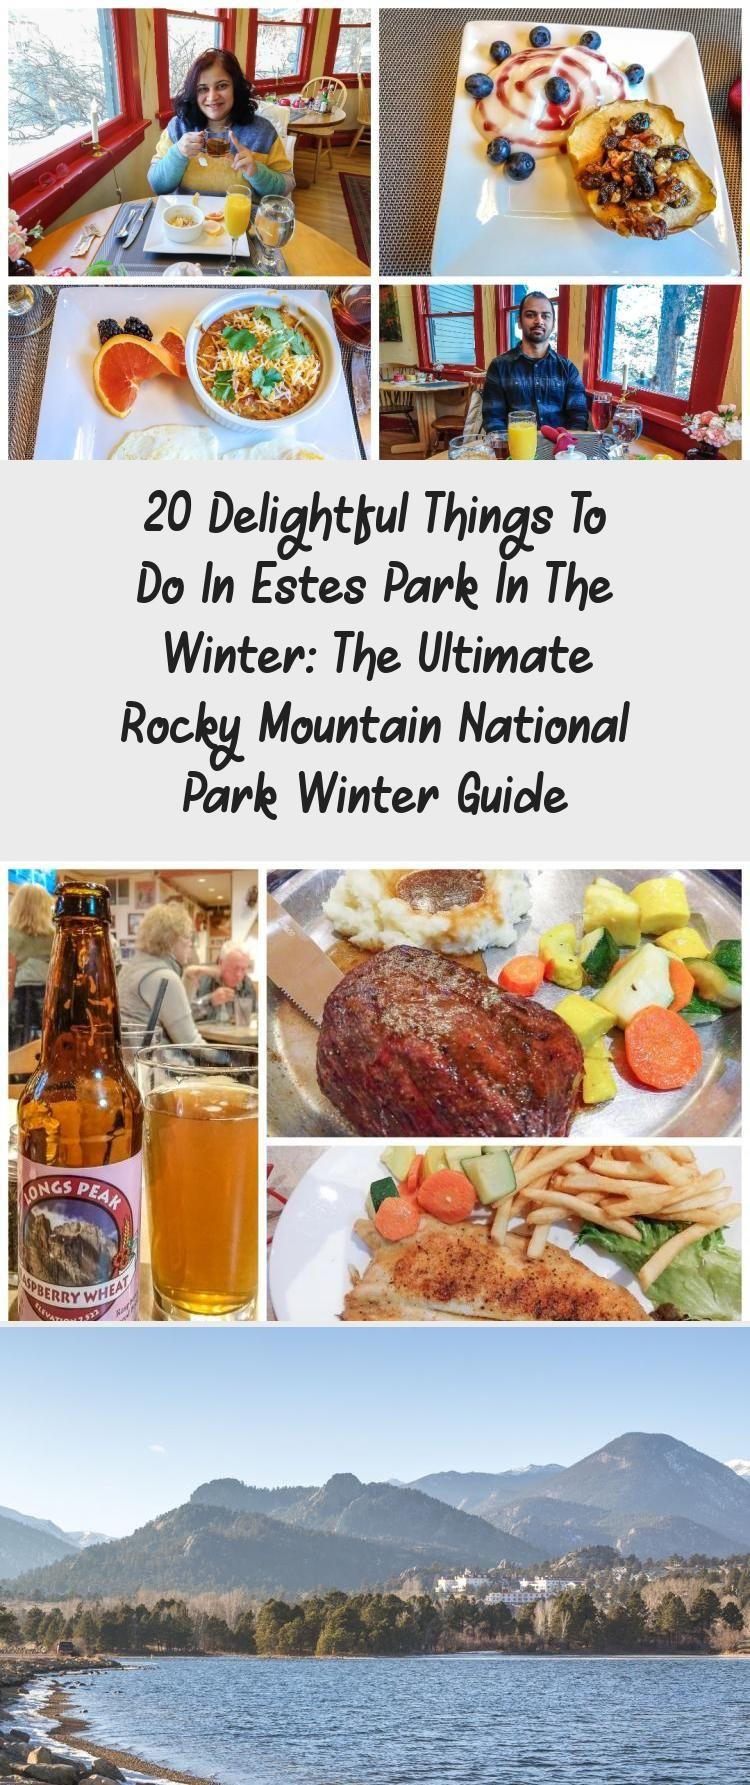 Romantic Estes Park Is The Gateway To Rocky Mountain National Park Explore Things To Do In Est In 2020 Rocky Mountain National Park Rocky Mountain National Estes Park